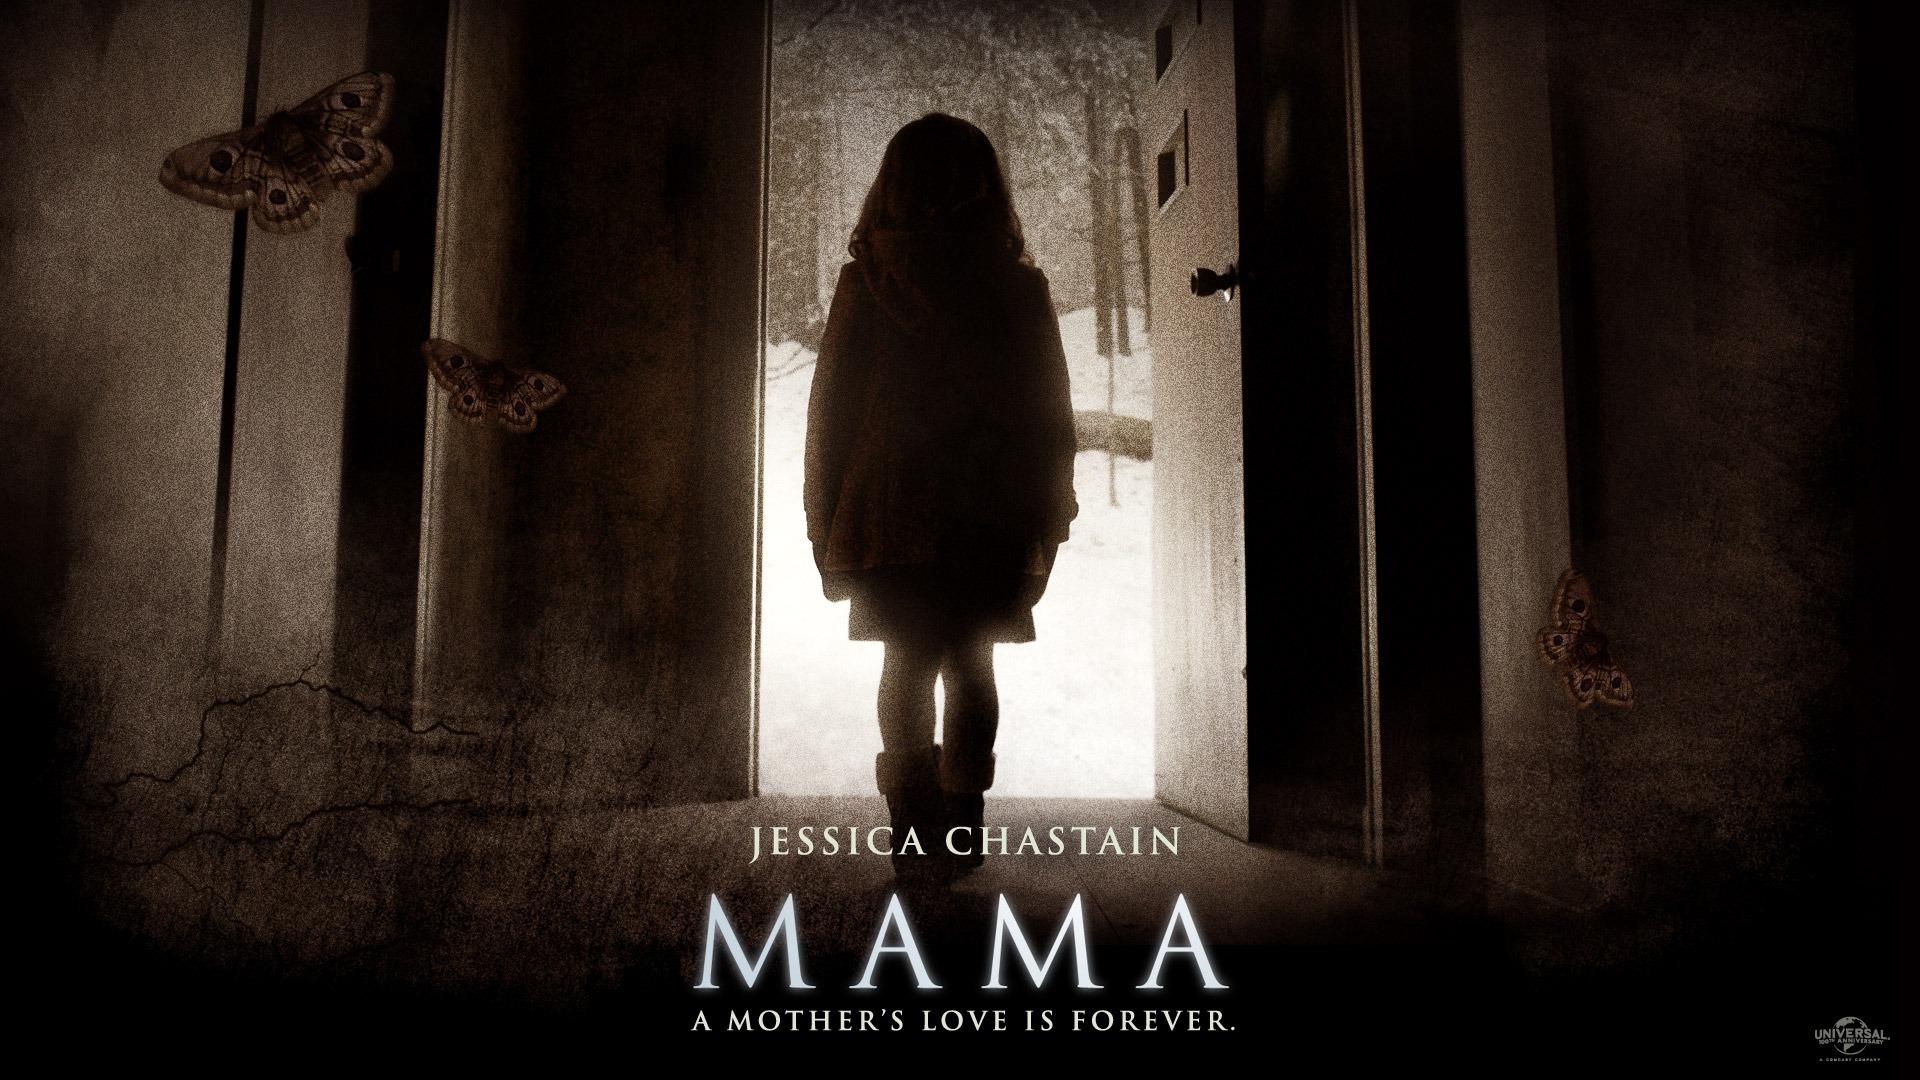 http://shbabbek.com/upload/قاتل لا يرحم وشبح «ماما» يطارد هؤلاء الاطفال في أفلام السهرة